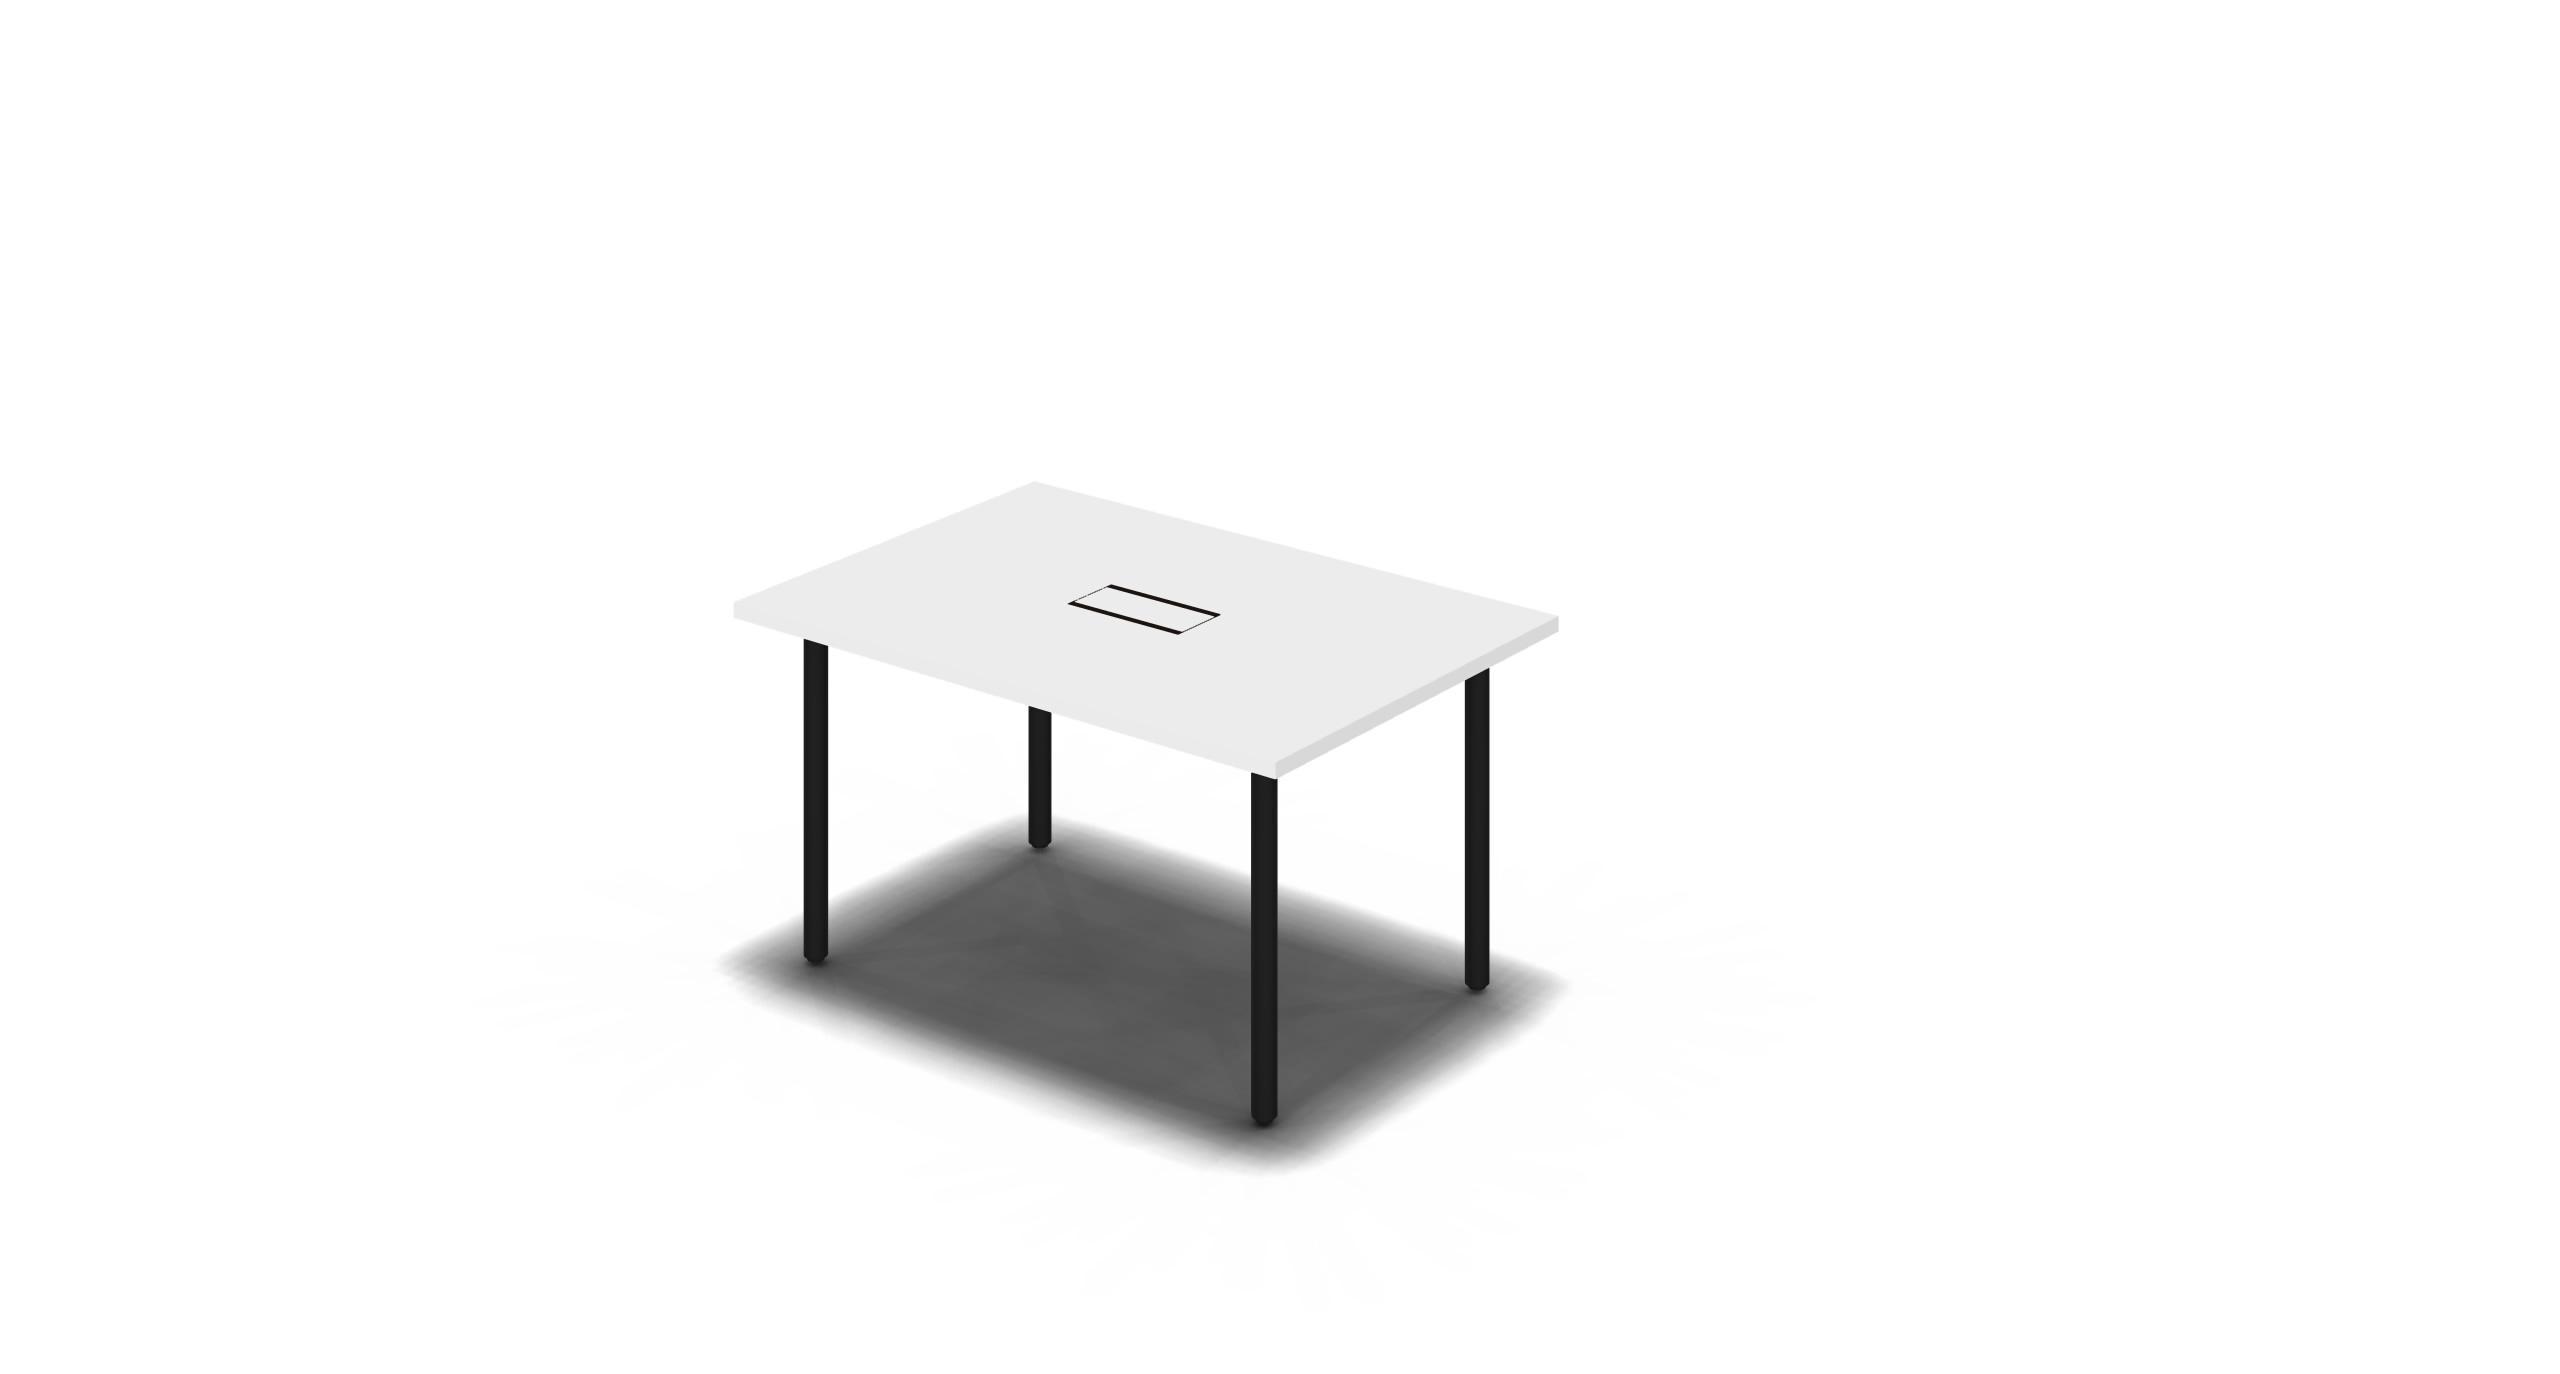 Table_Round_1200x800_Black_White_withOption